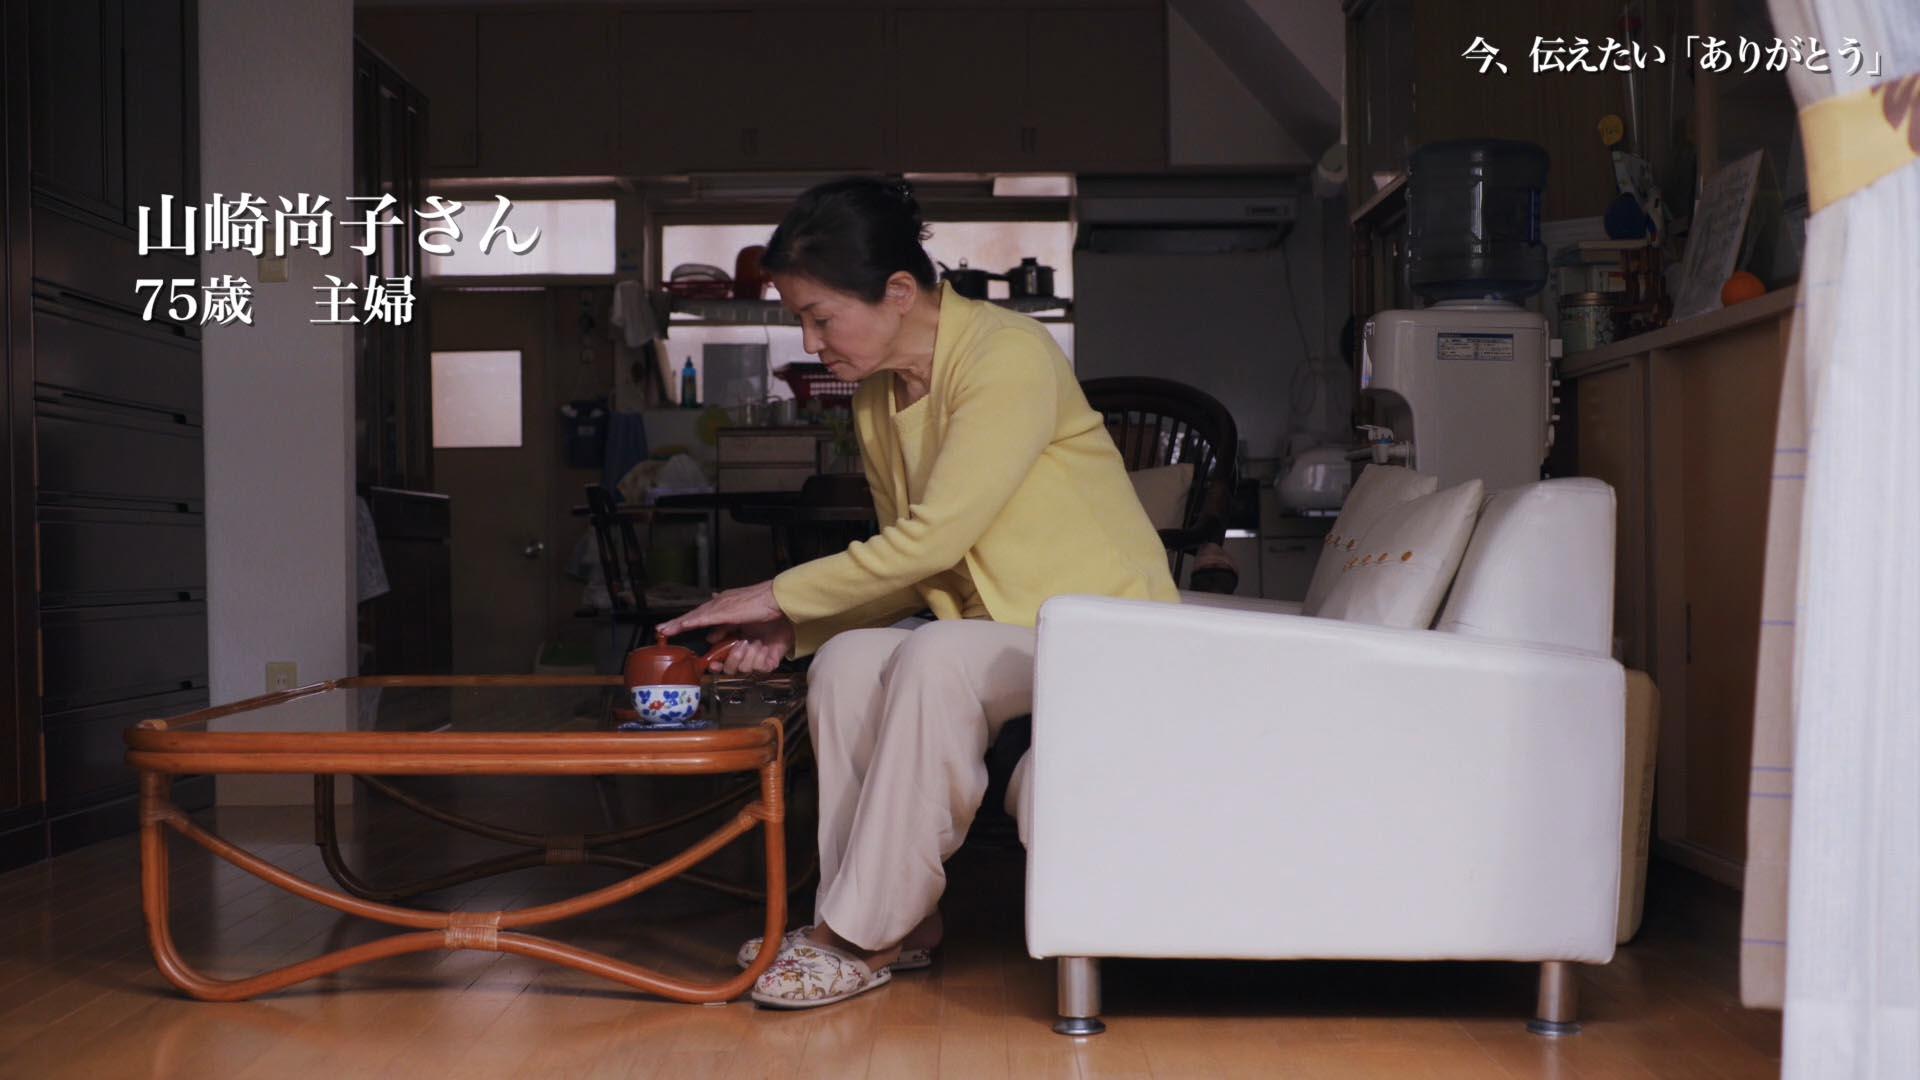 西日本典礼VP「ありがとう。感謝を伝える家族の動画」